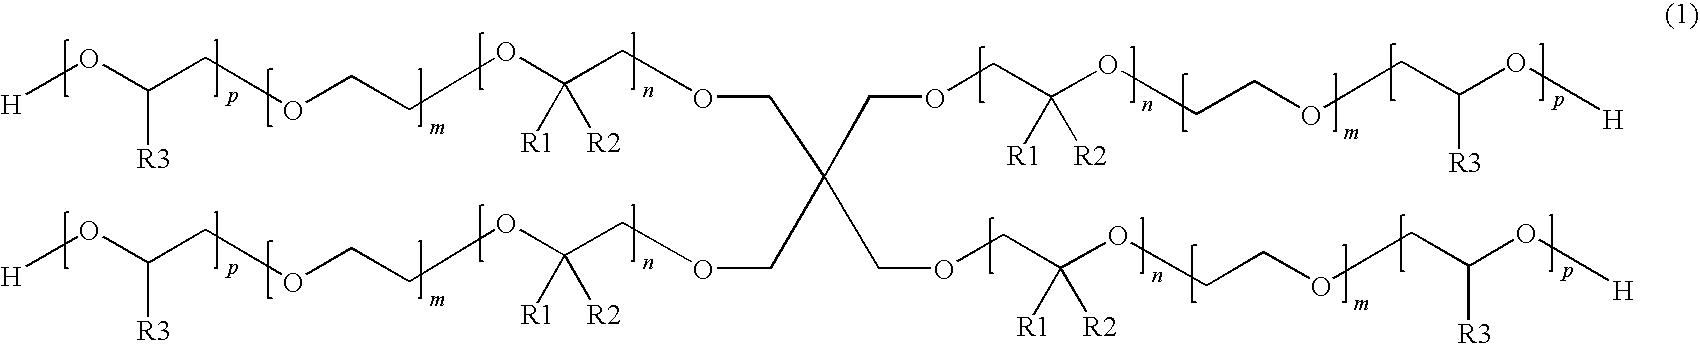 Figure US20090095202A1-20090416-C00002